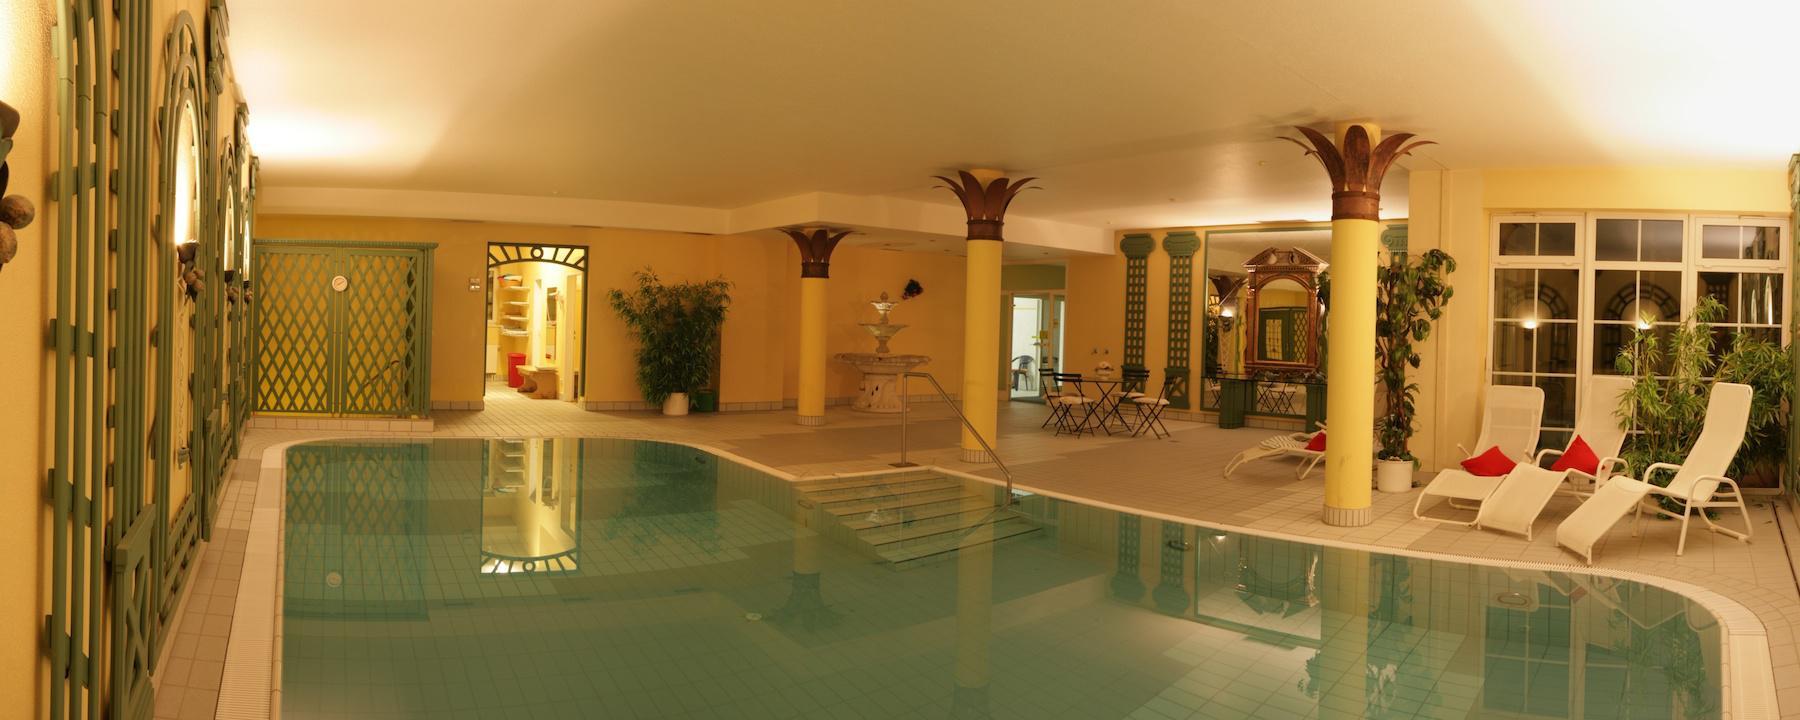 Fotos de Hotel Bayernwinkel - Yoga & Ayurveda